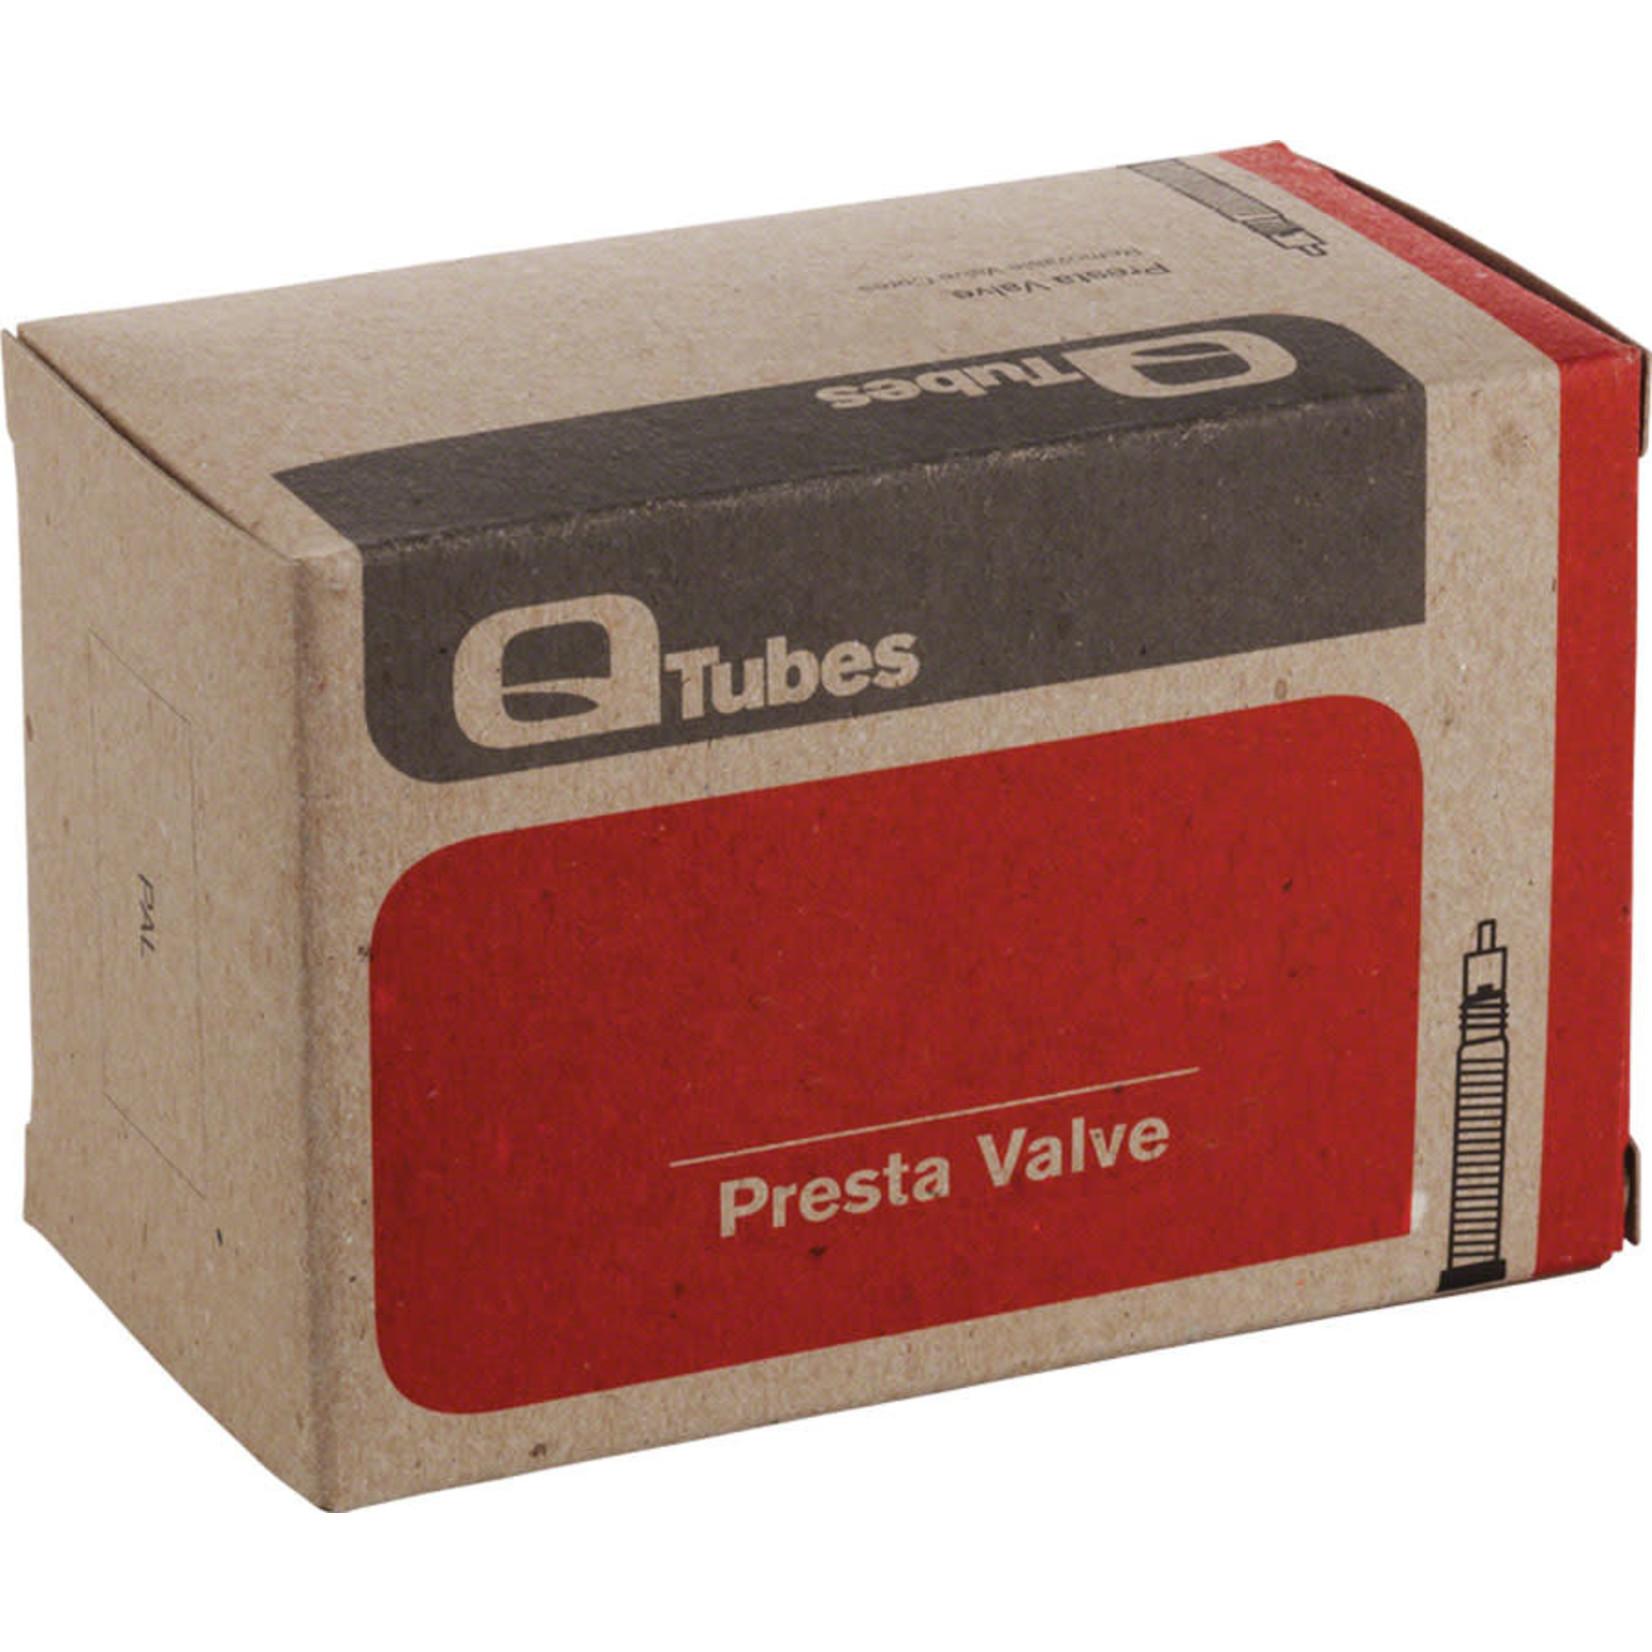 Q-Tubes QTubes 26 x 3.5-4.0 32mm Presta Valve Tube